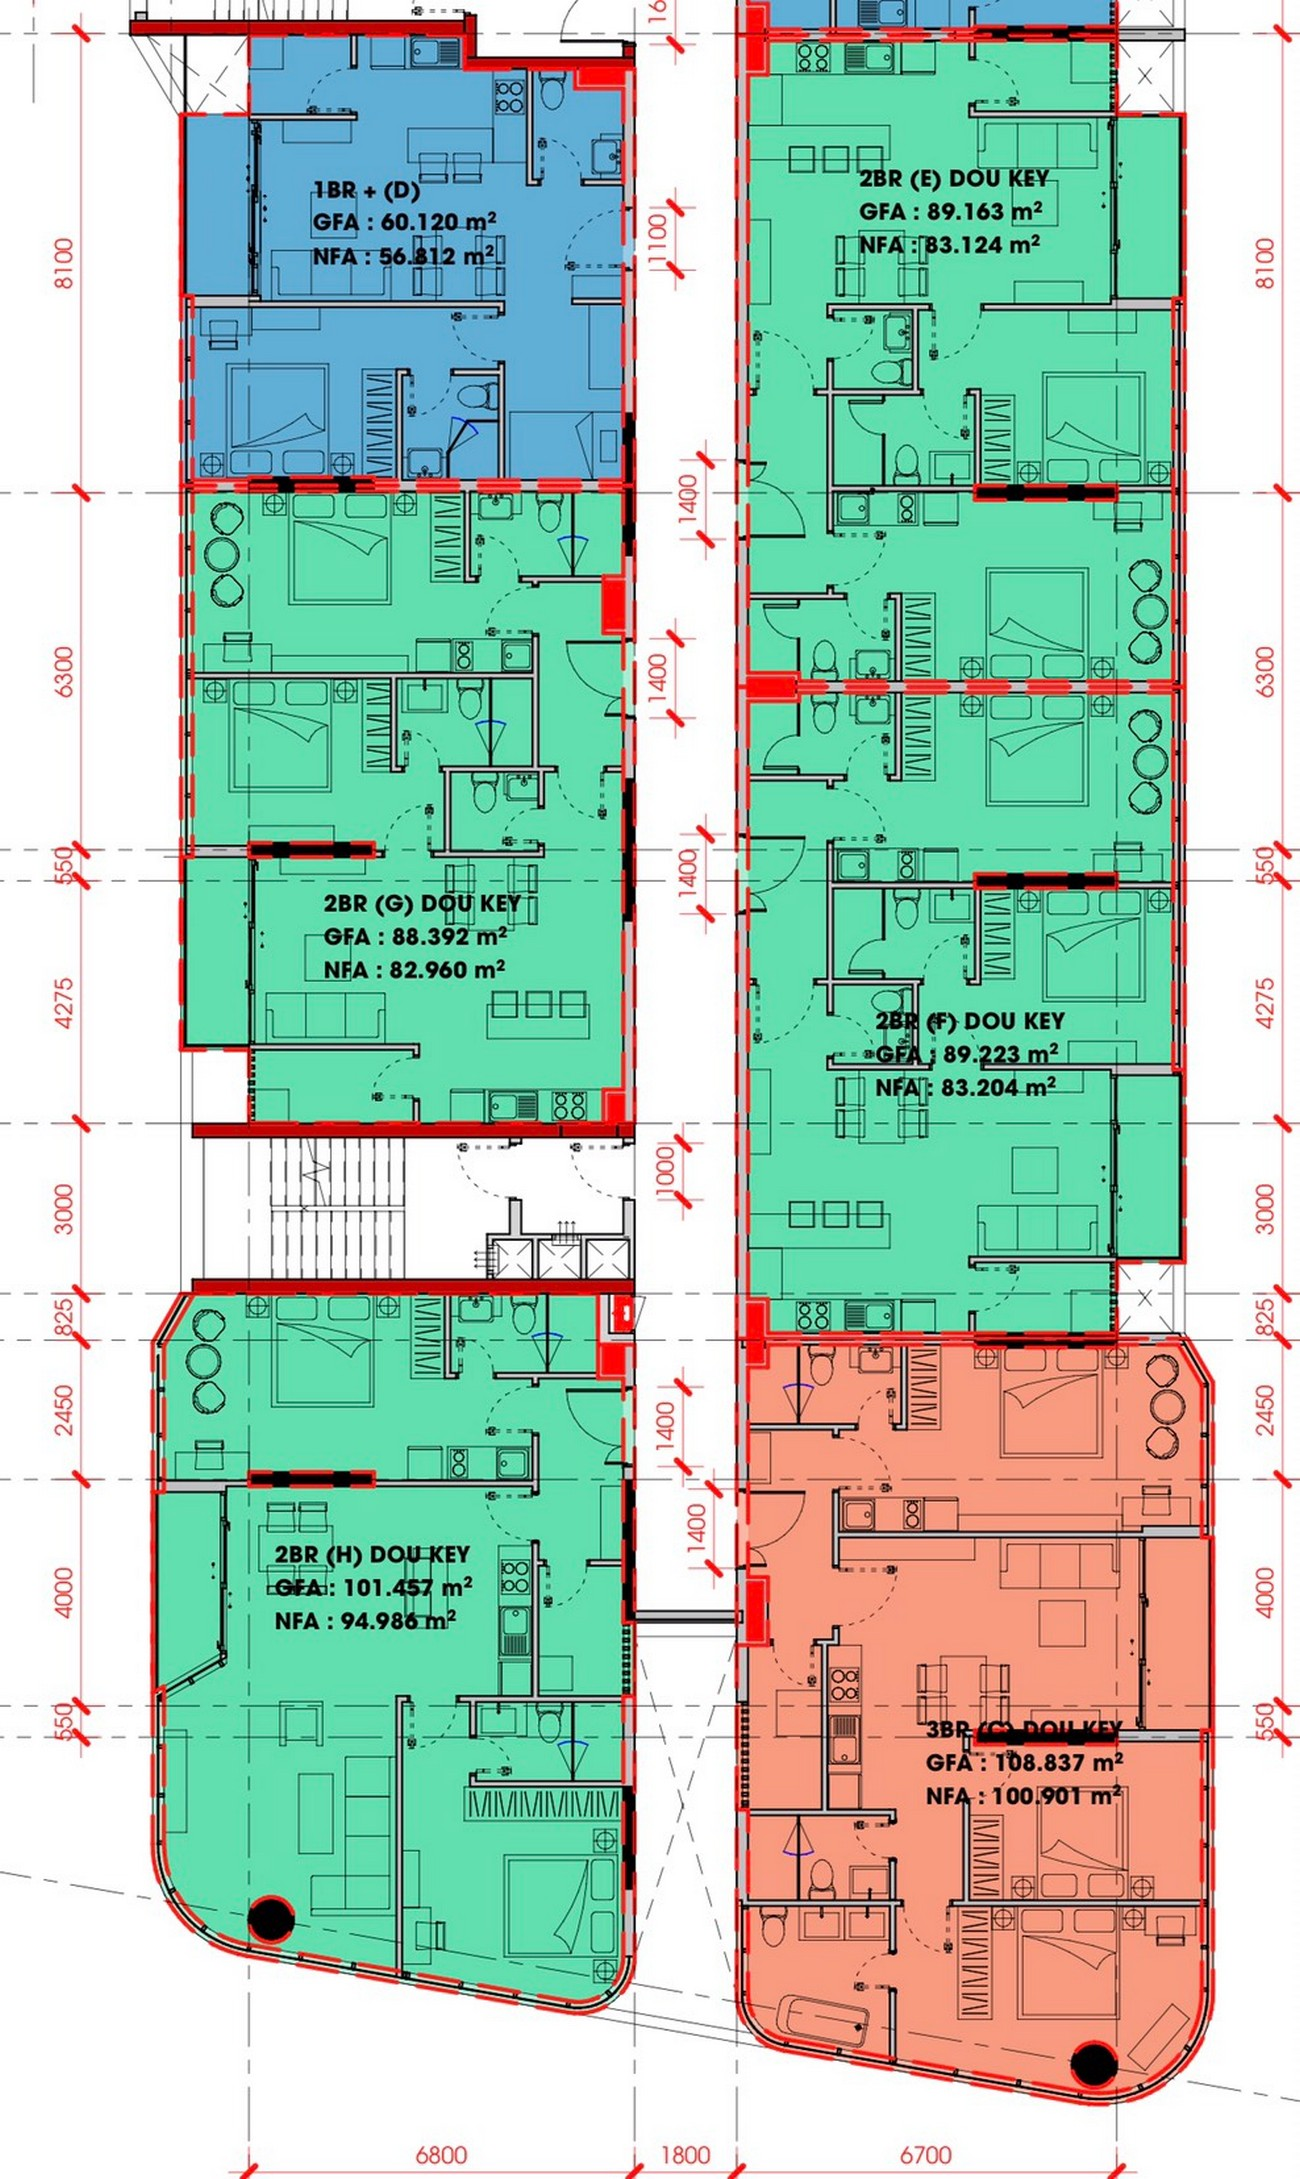 Mặt bằng dự án căn hộ chung cư King Crown Center Thủ Đức Đường Võ Văn Ngân chủ đầu tư Gia Khang